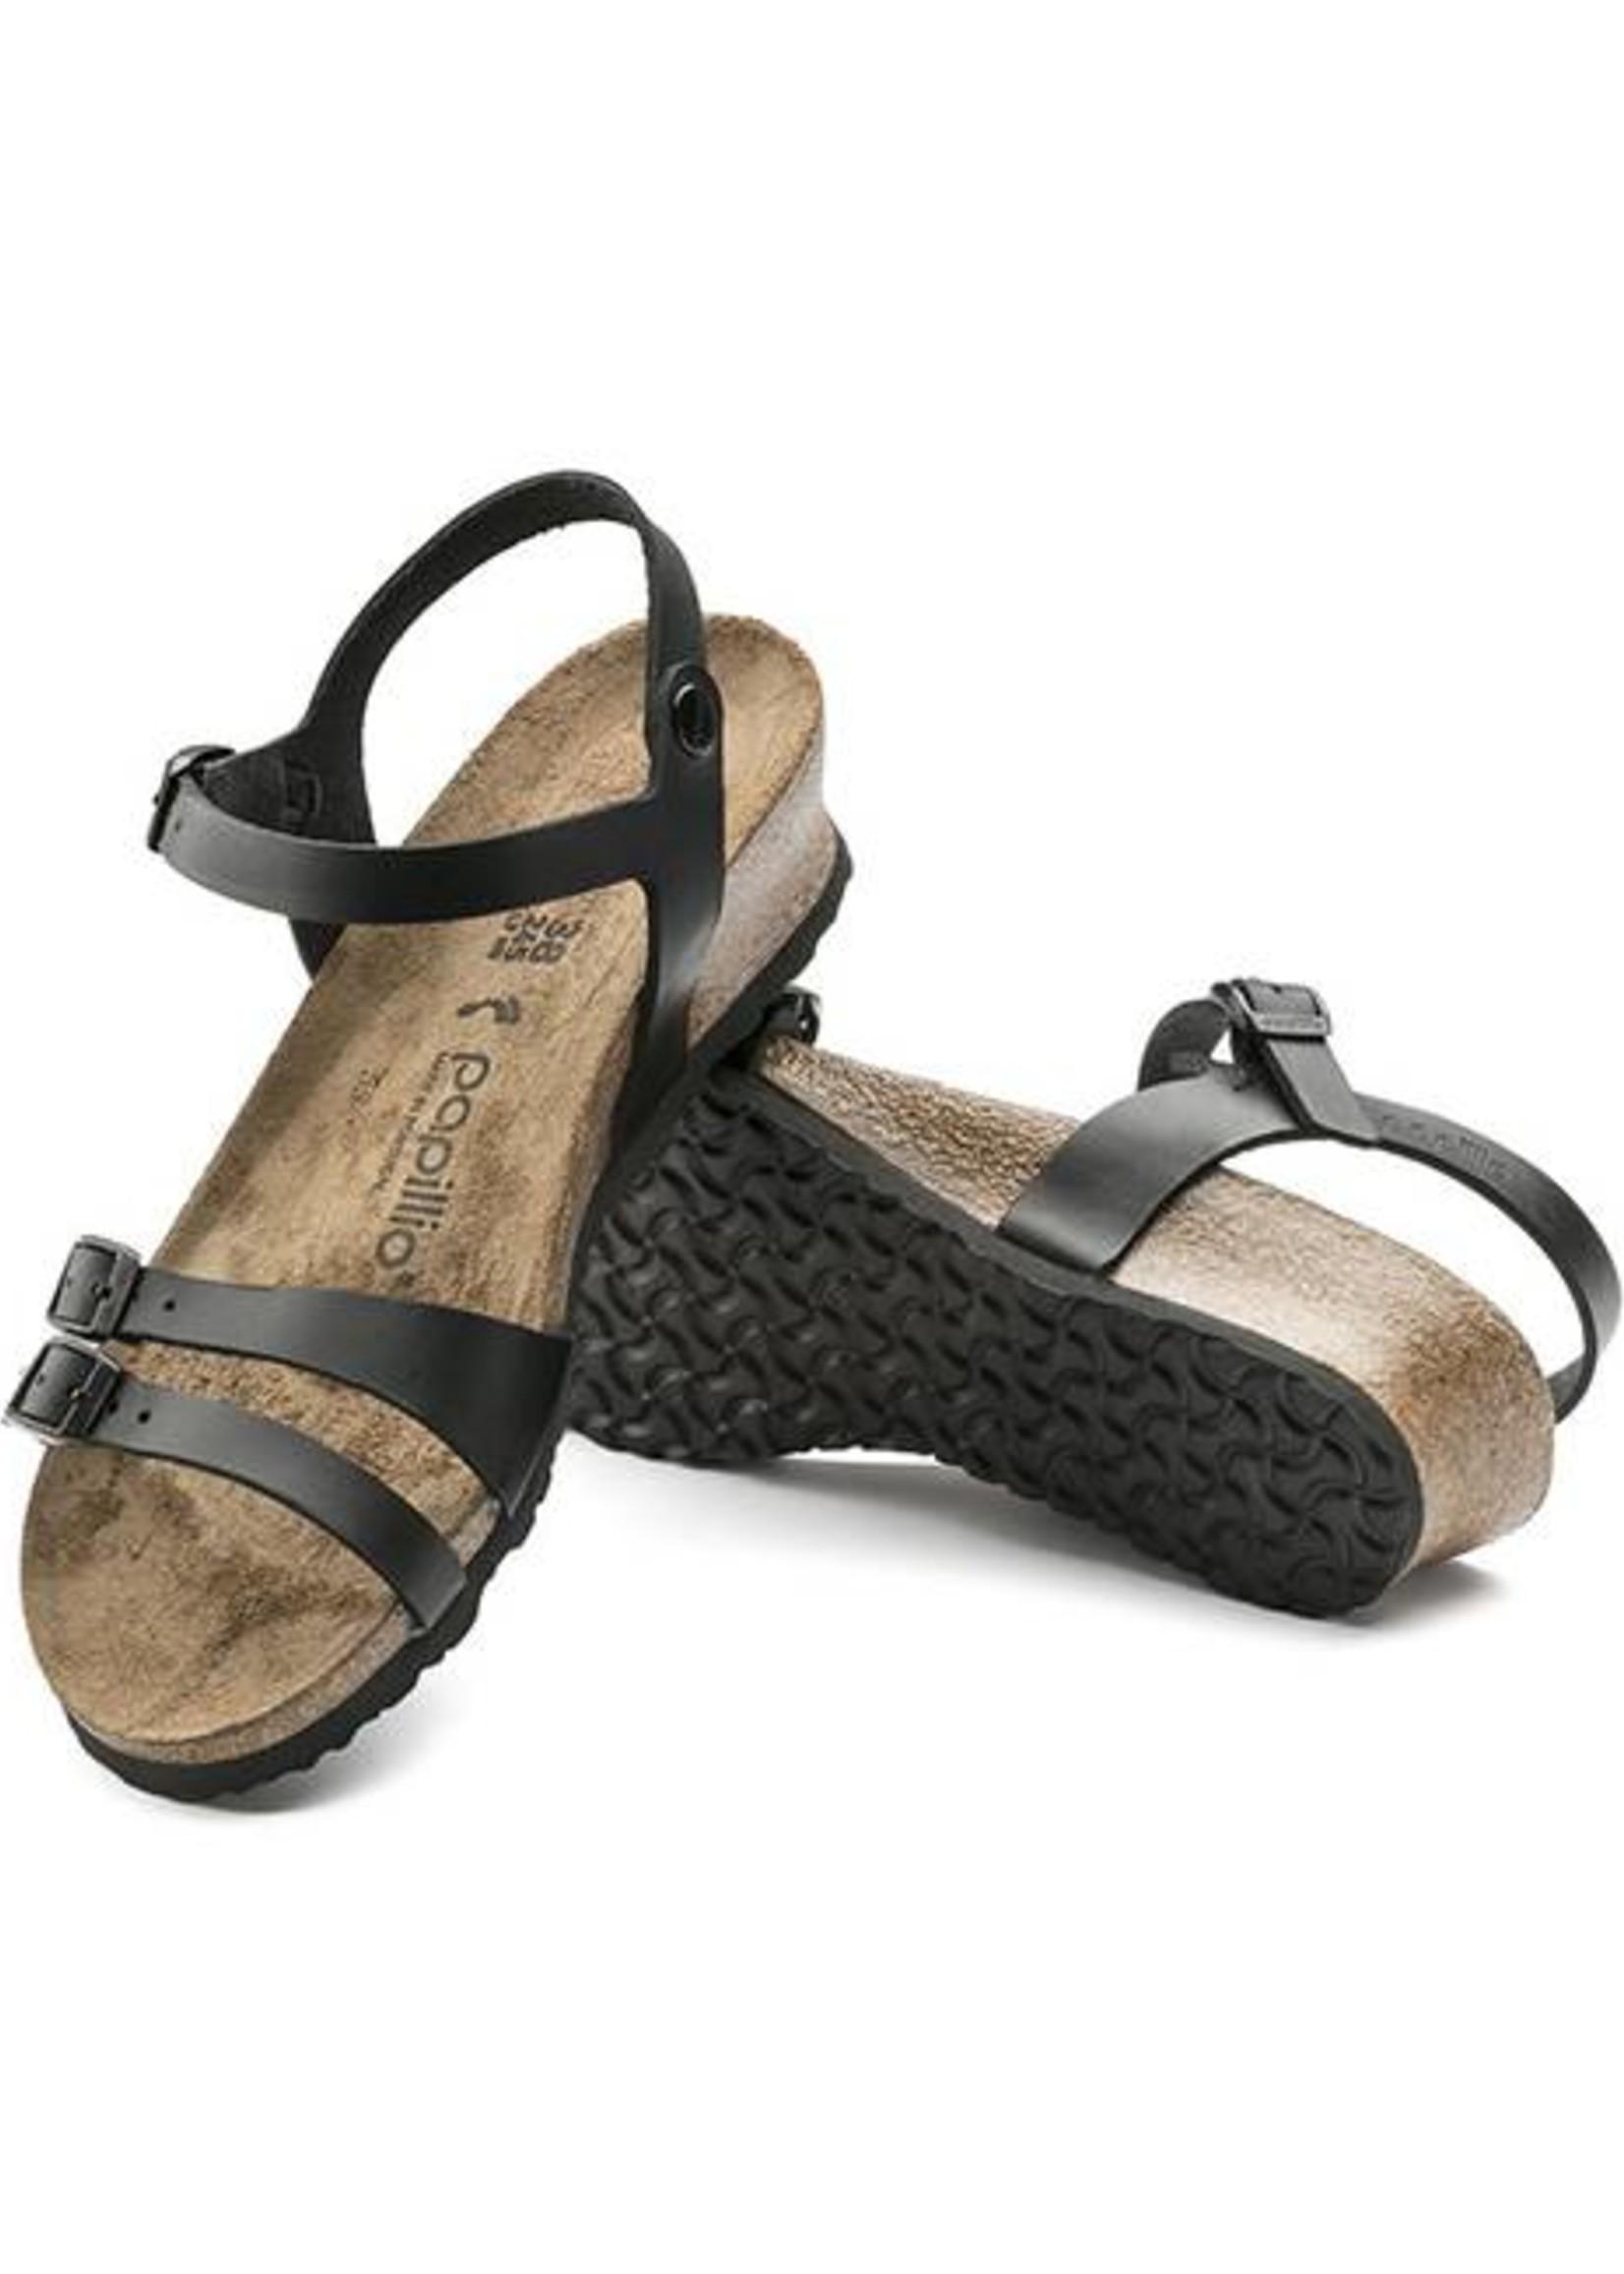 Birkenstock Lana - Natural Leather in Black (Papillio Wedge Heel)